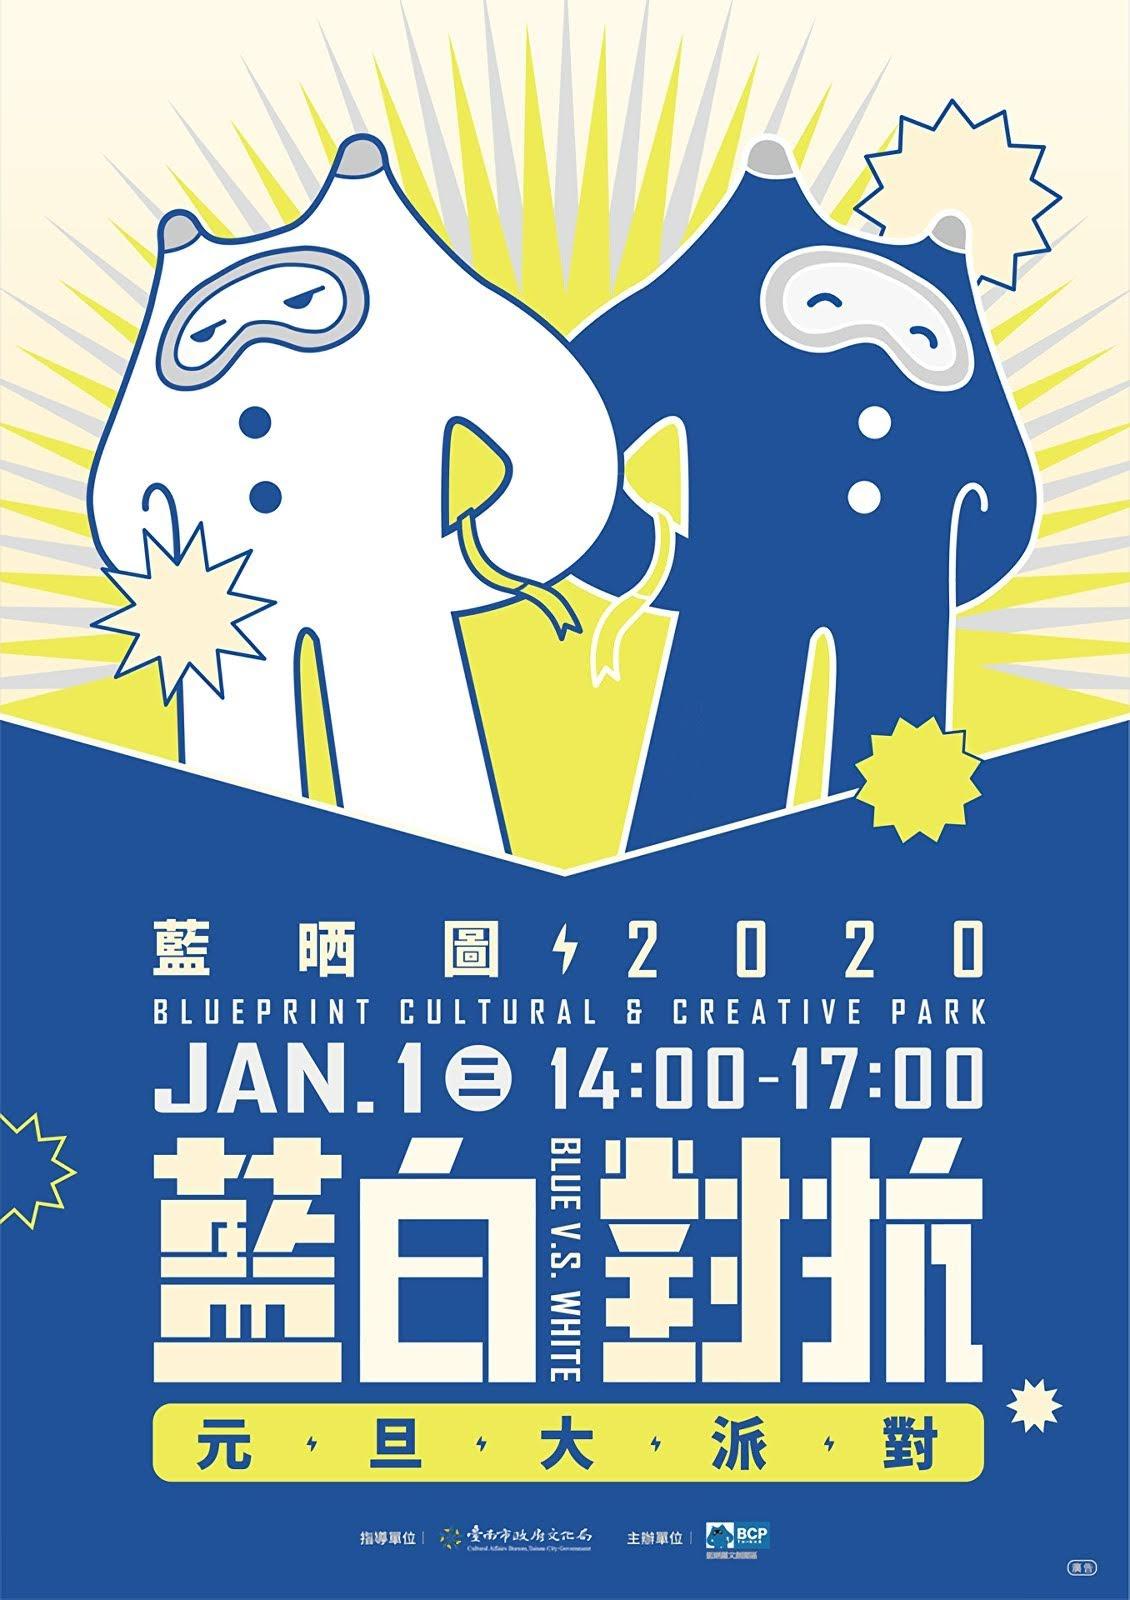 [活動] 2020台南跨年活動最終懶人包|2020愛你愛妳浪漫迎新年|跨年多元活動嗨翻天